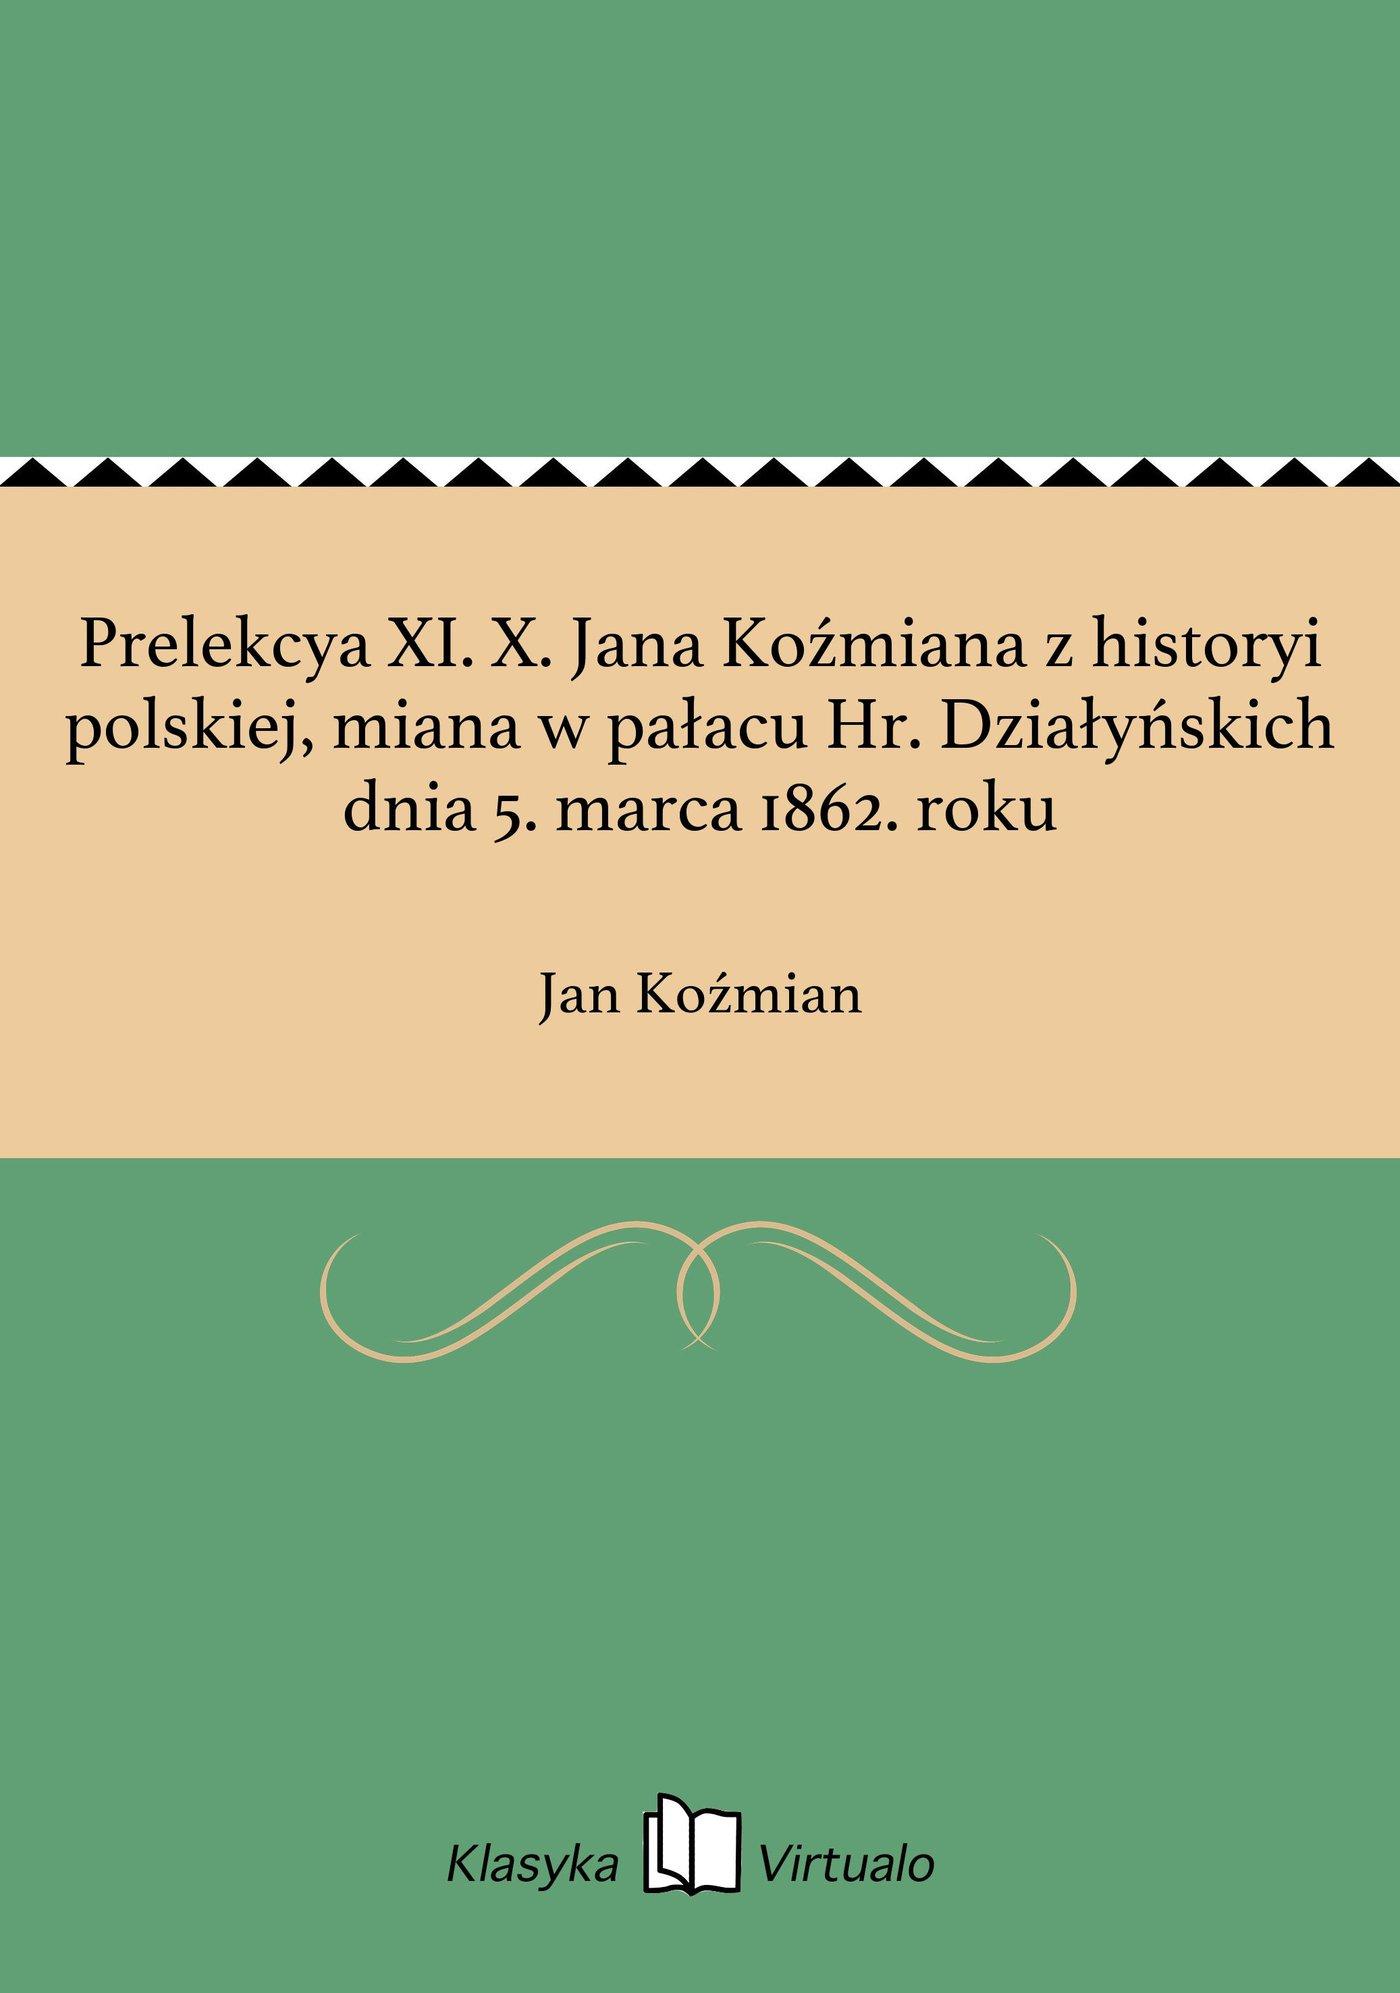 Prelekcya XI. X. Jana Koźmiana z historyi polskiej, miana w pałacu Hr. Działyńskich dnia 5. marca 1862. roku - Ebook (Książka na Kindle) do pobrania w formacie MOBI